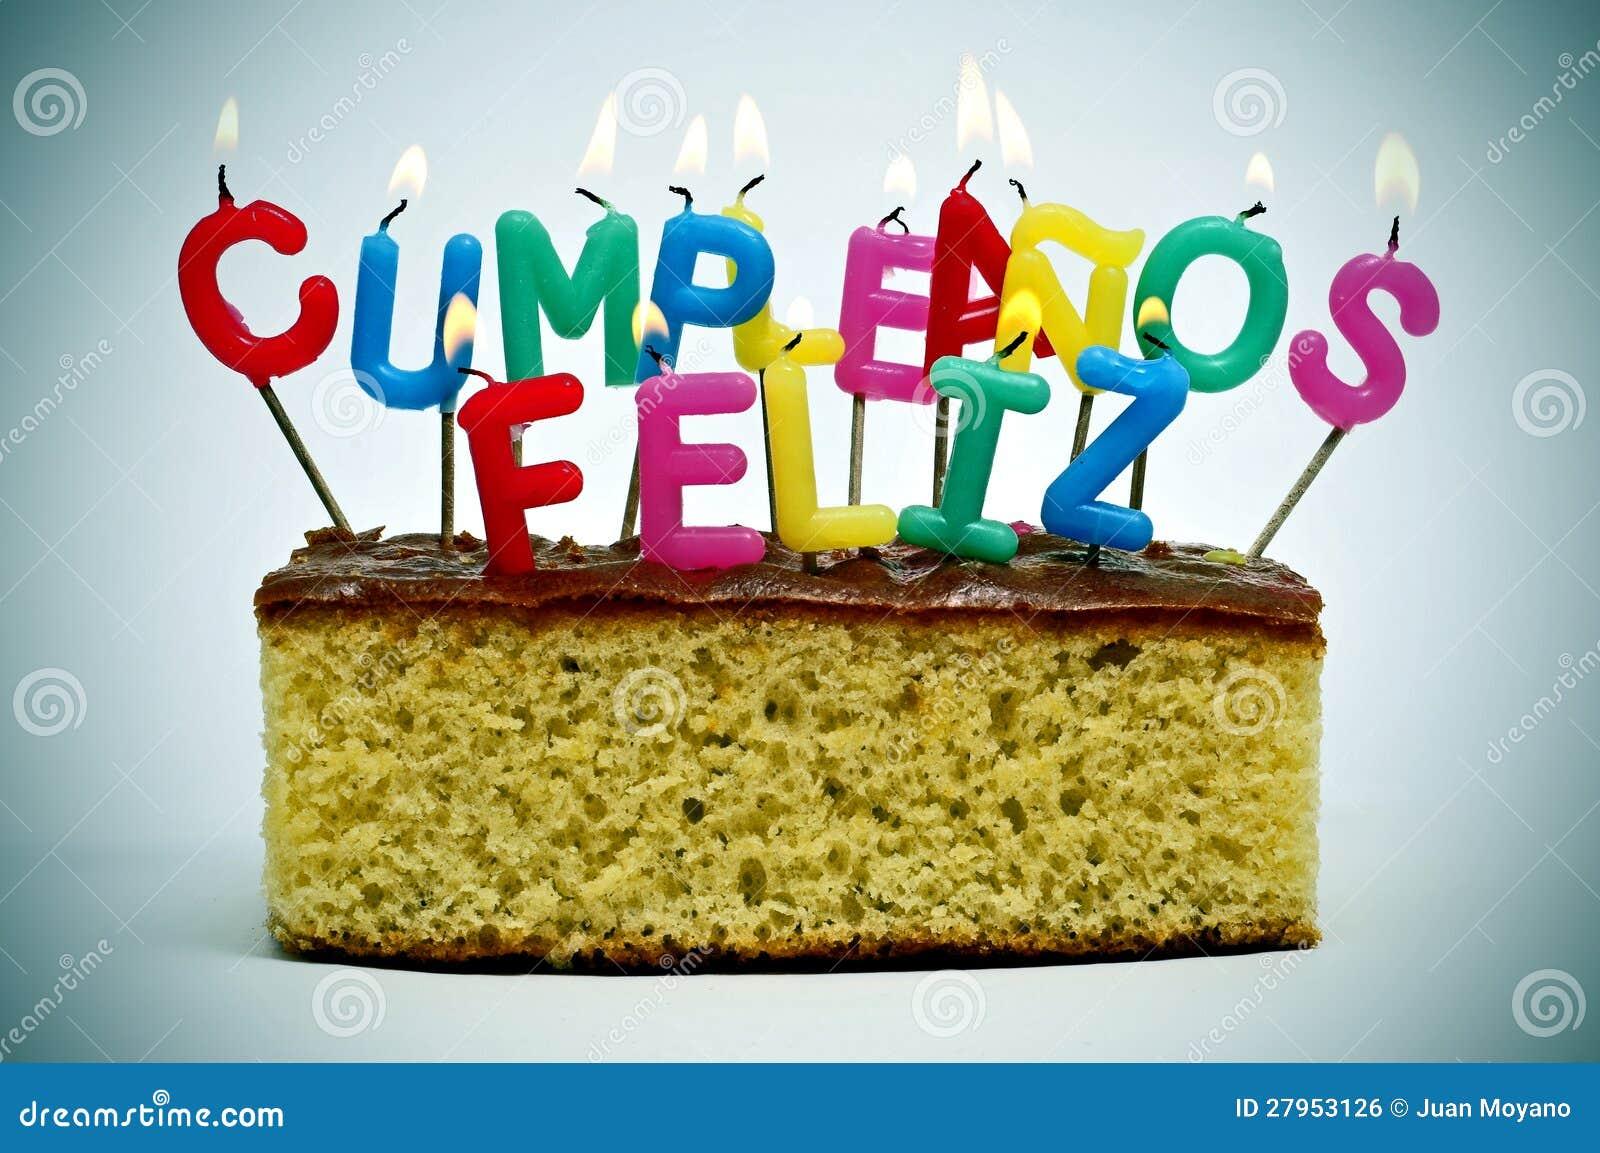 Cumpleanos feliz, alles Gute zum Geburtstag auf spanisch